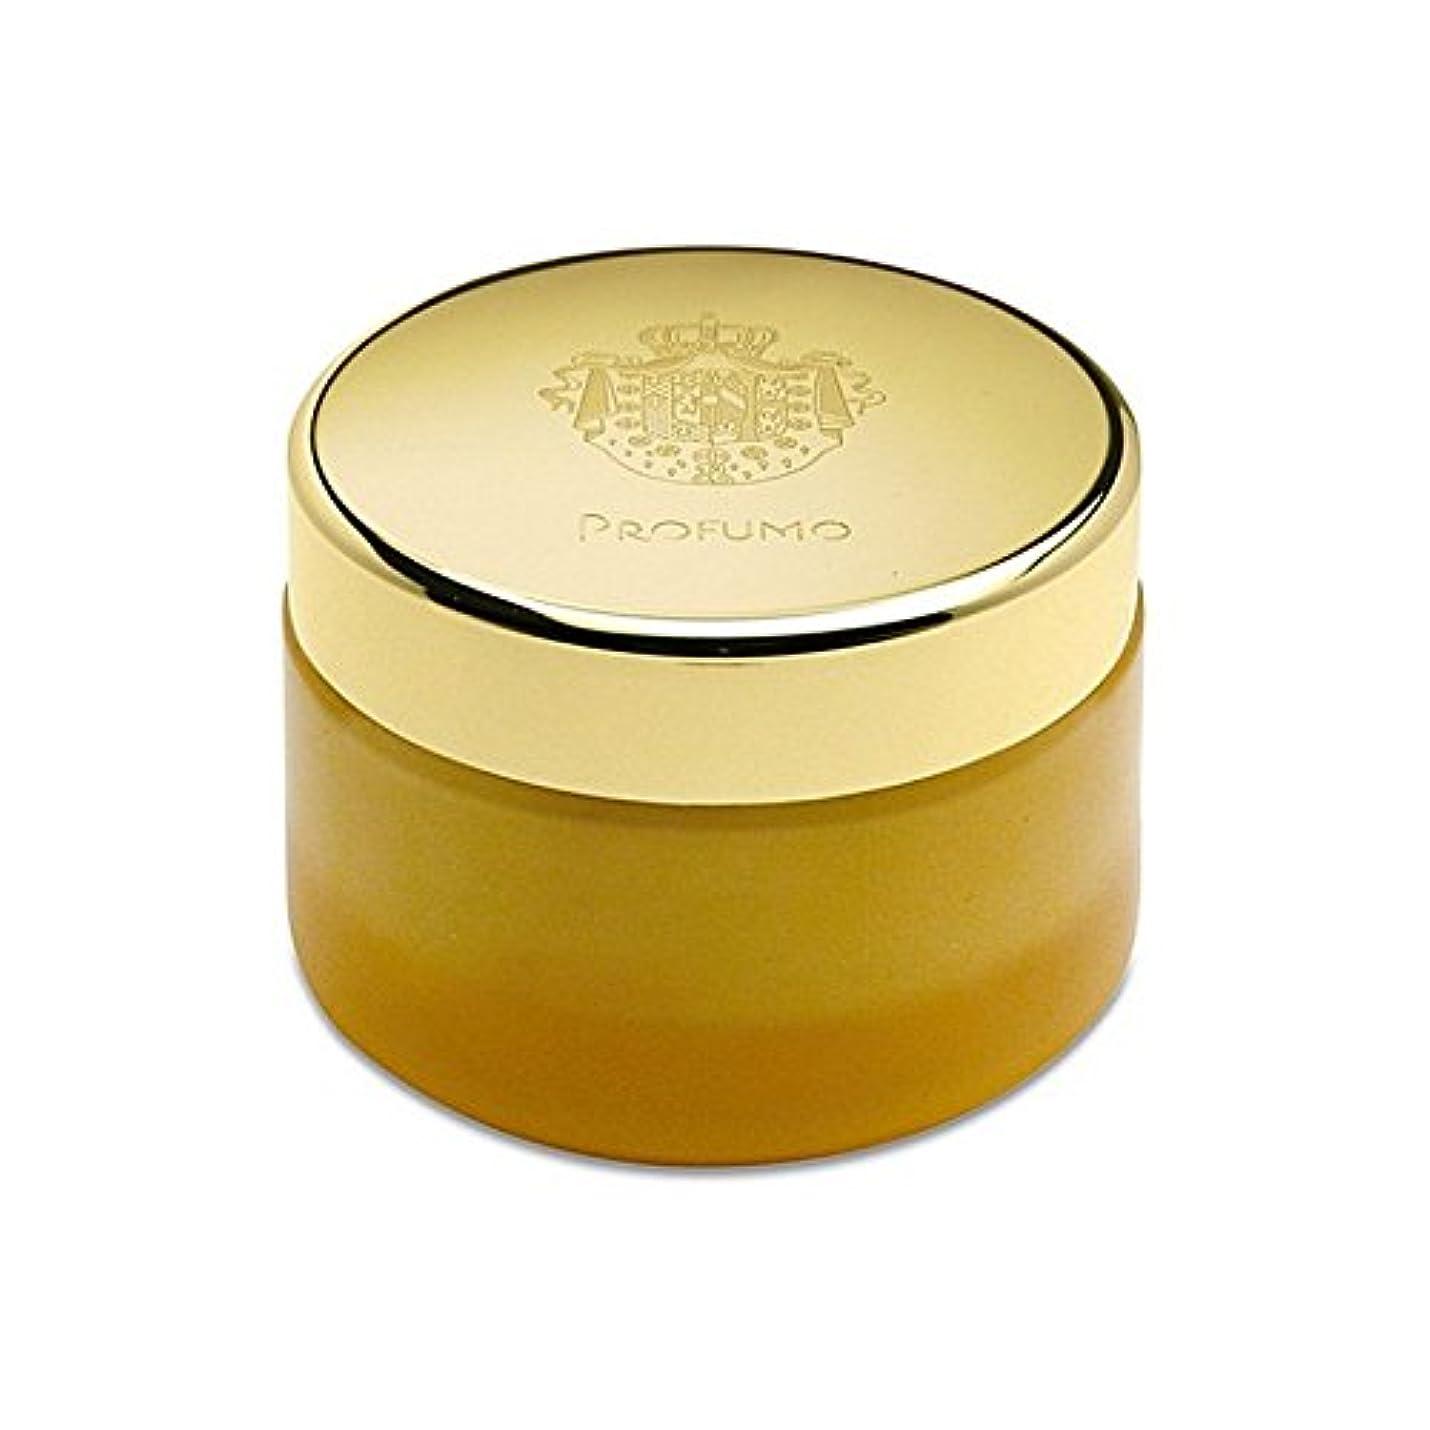 リンス破産薬Acqua Di Parma Profumo Body Cream 200ml (Pack of 6) - アクアディパルマボディクリーム200ミリリットル x6 [並行輸入品]